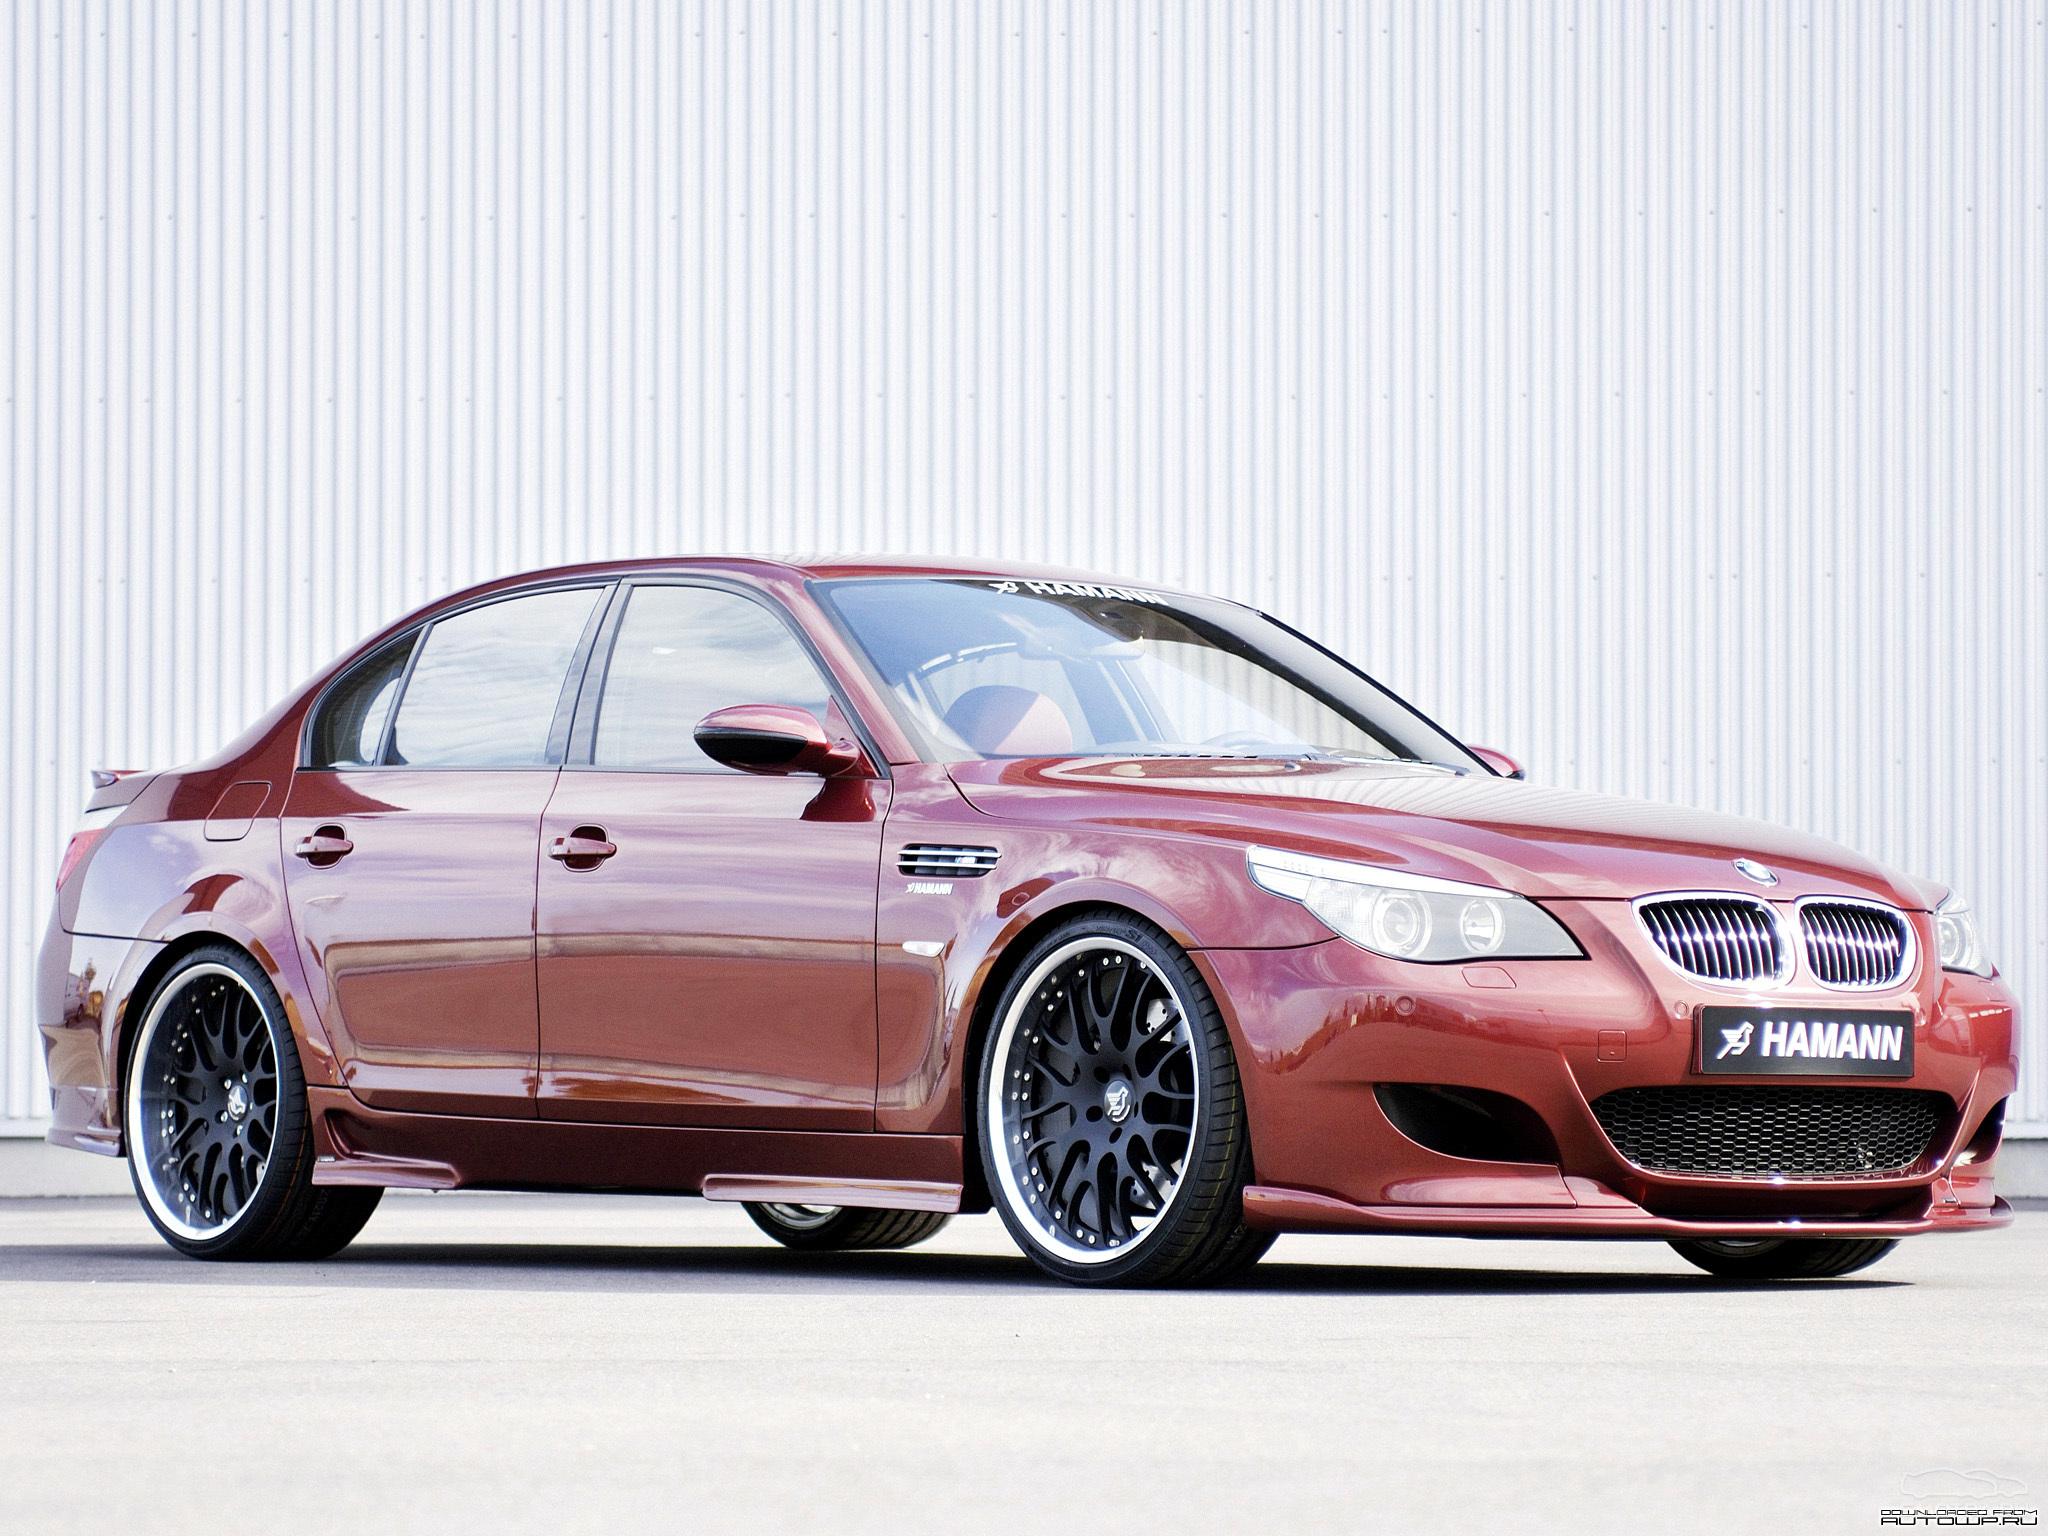 Лучшая фотография, картинка, изображение, фото автомобиля Hamann BMW M5.